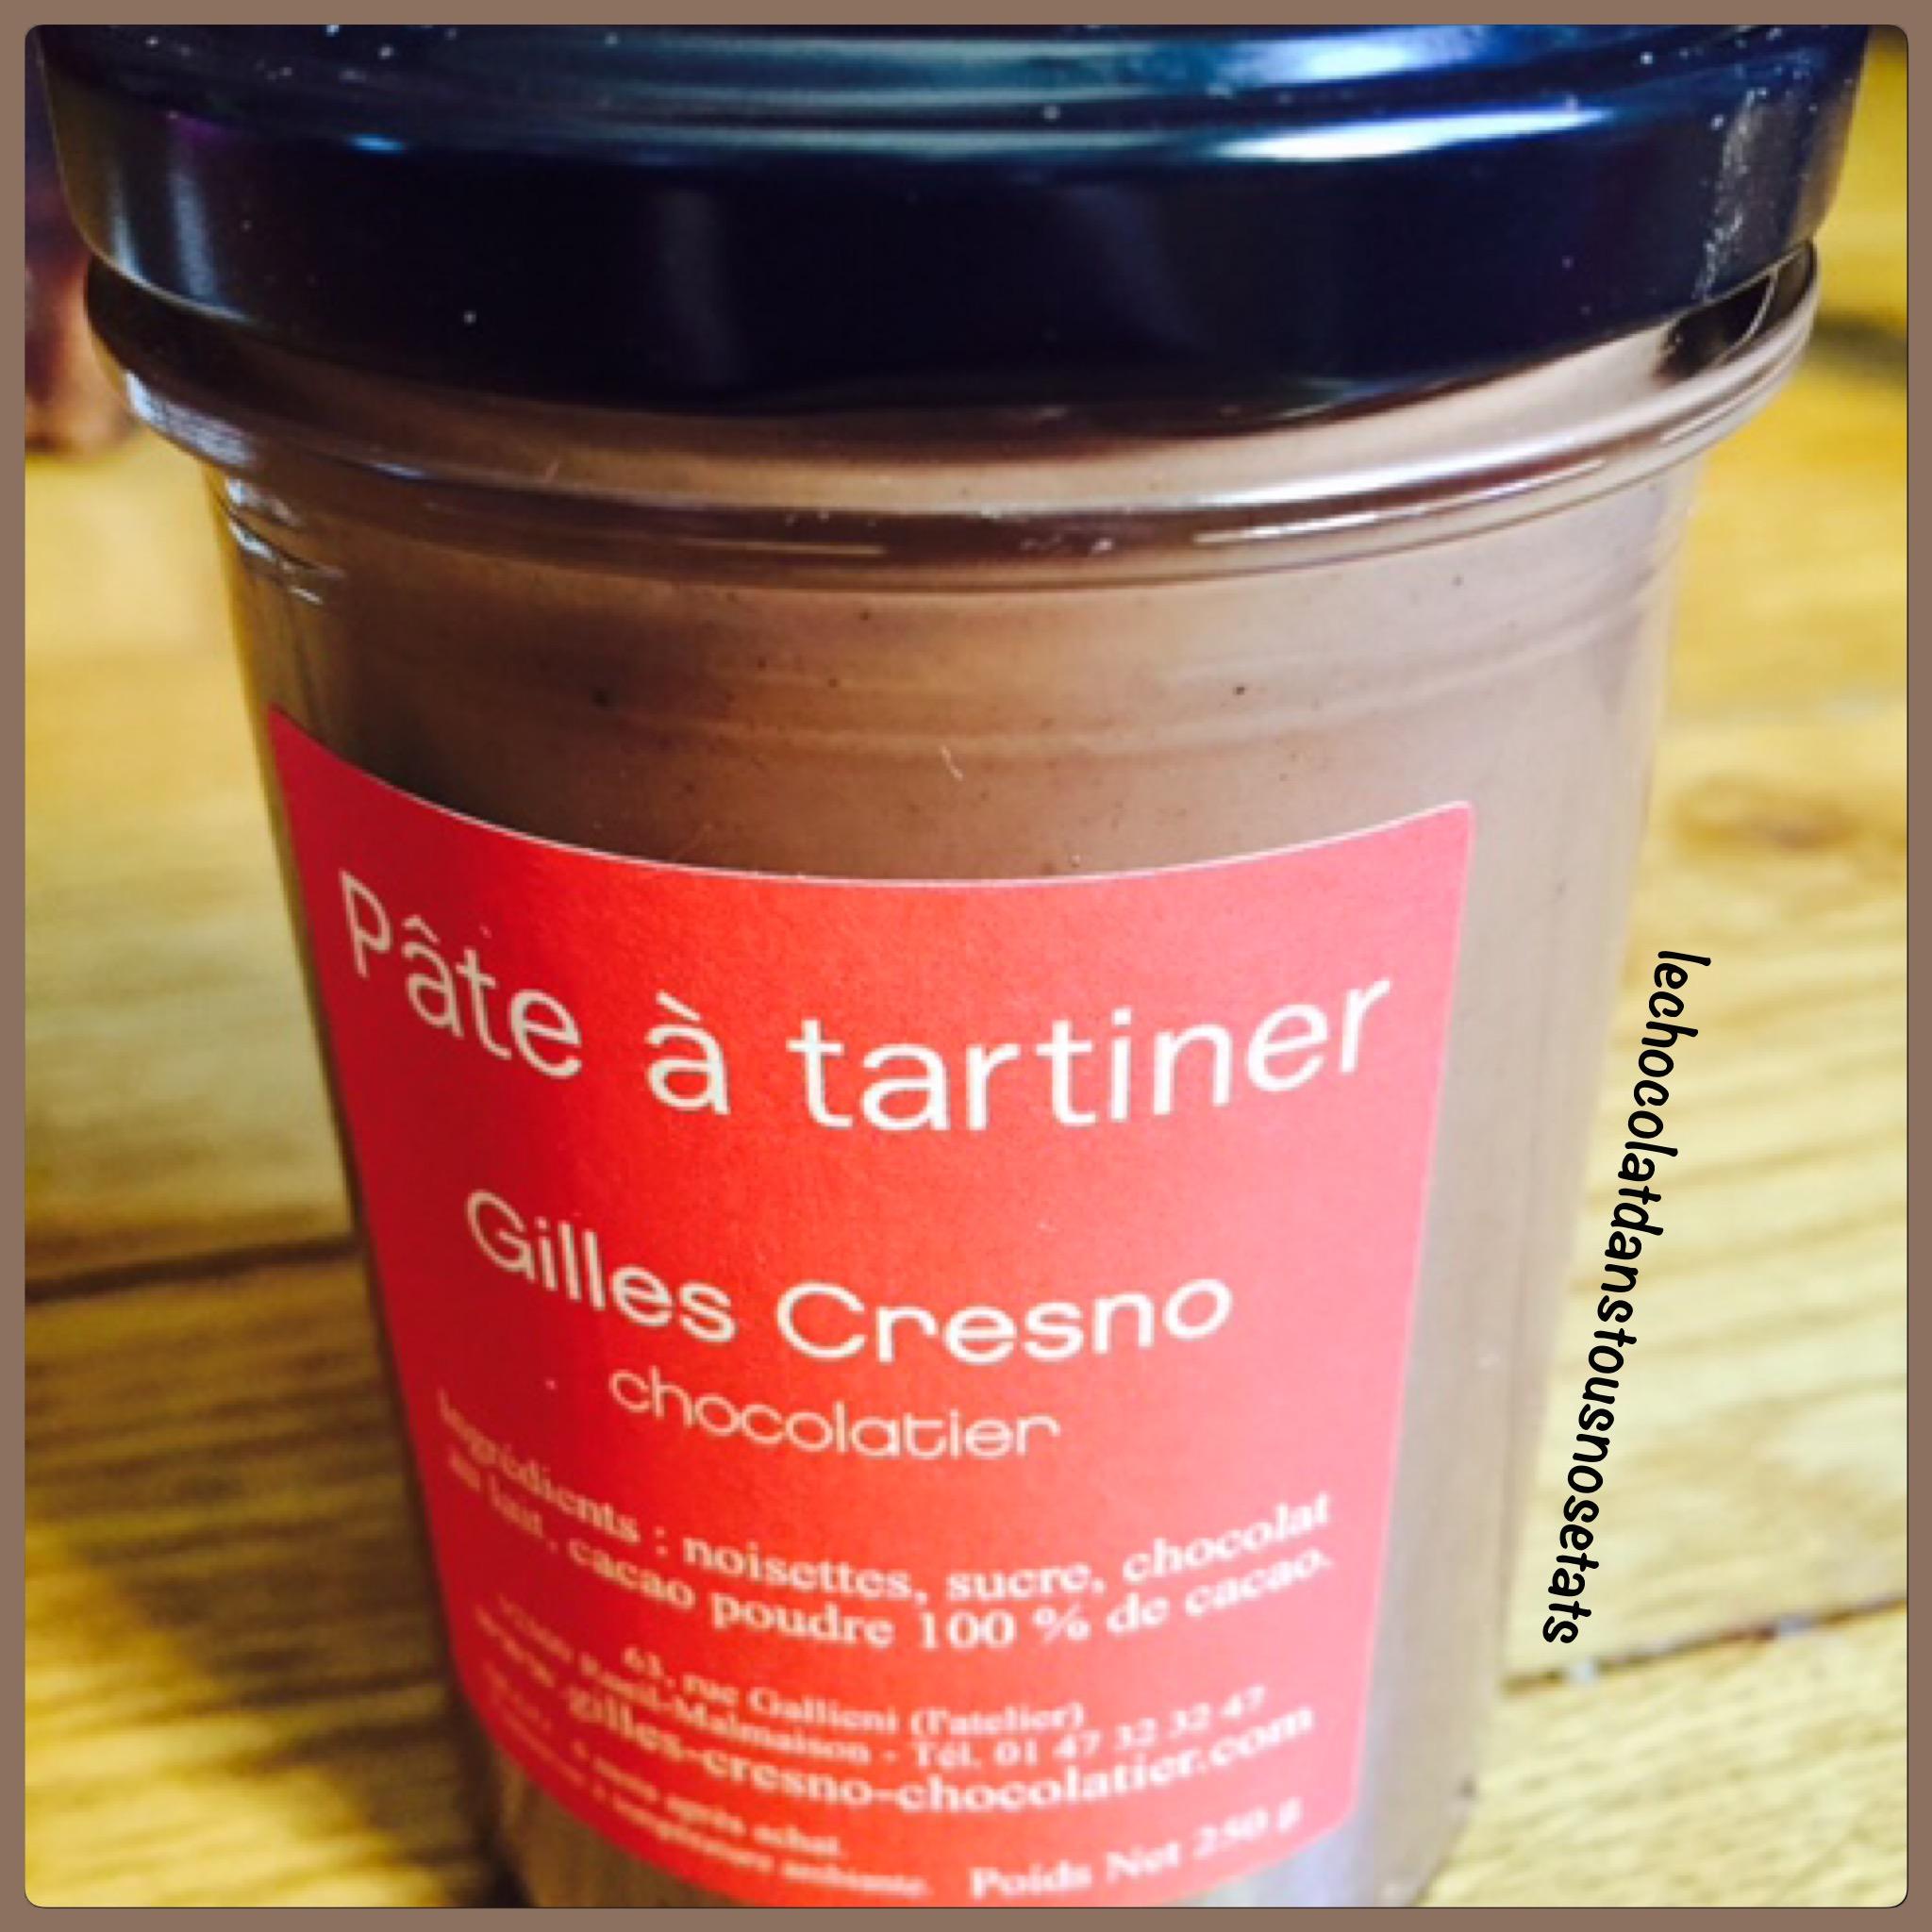 Pâte à tartiner, Gilles Cresno, Rueil-Malmaison